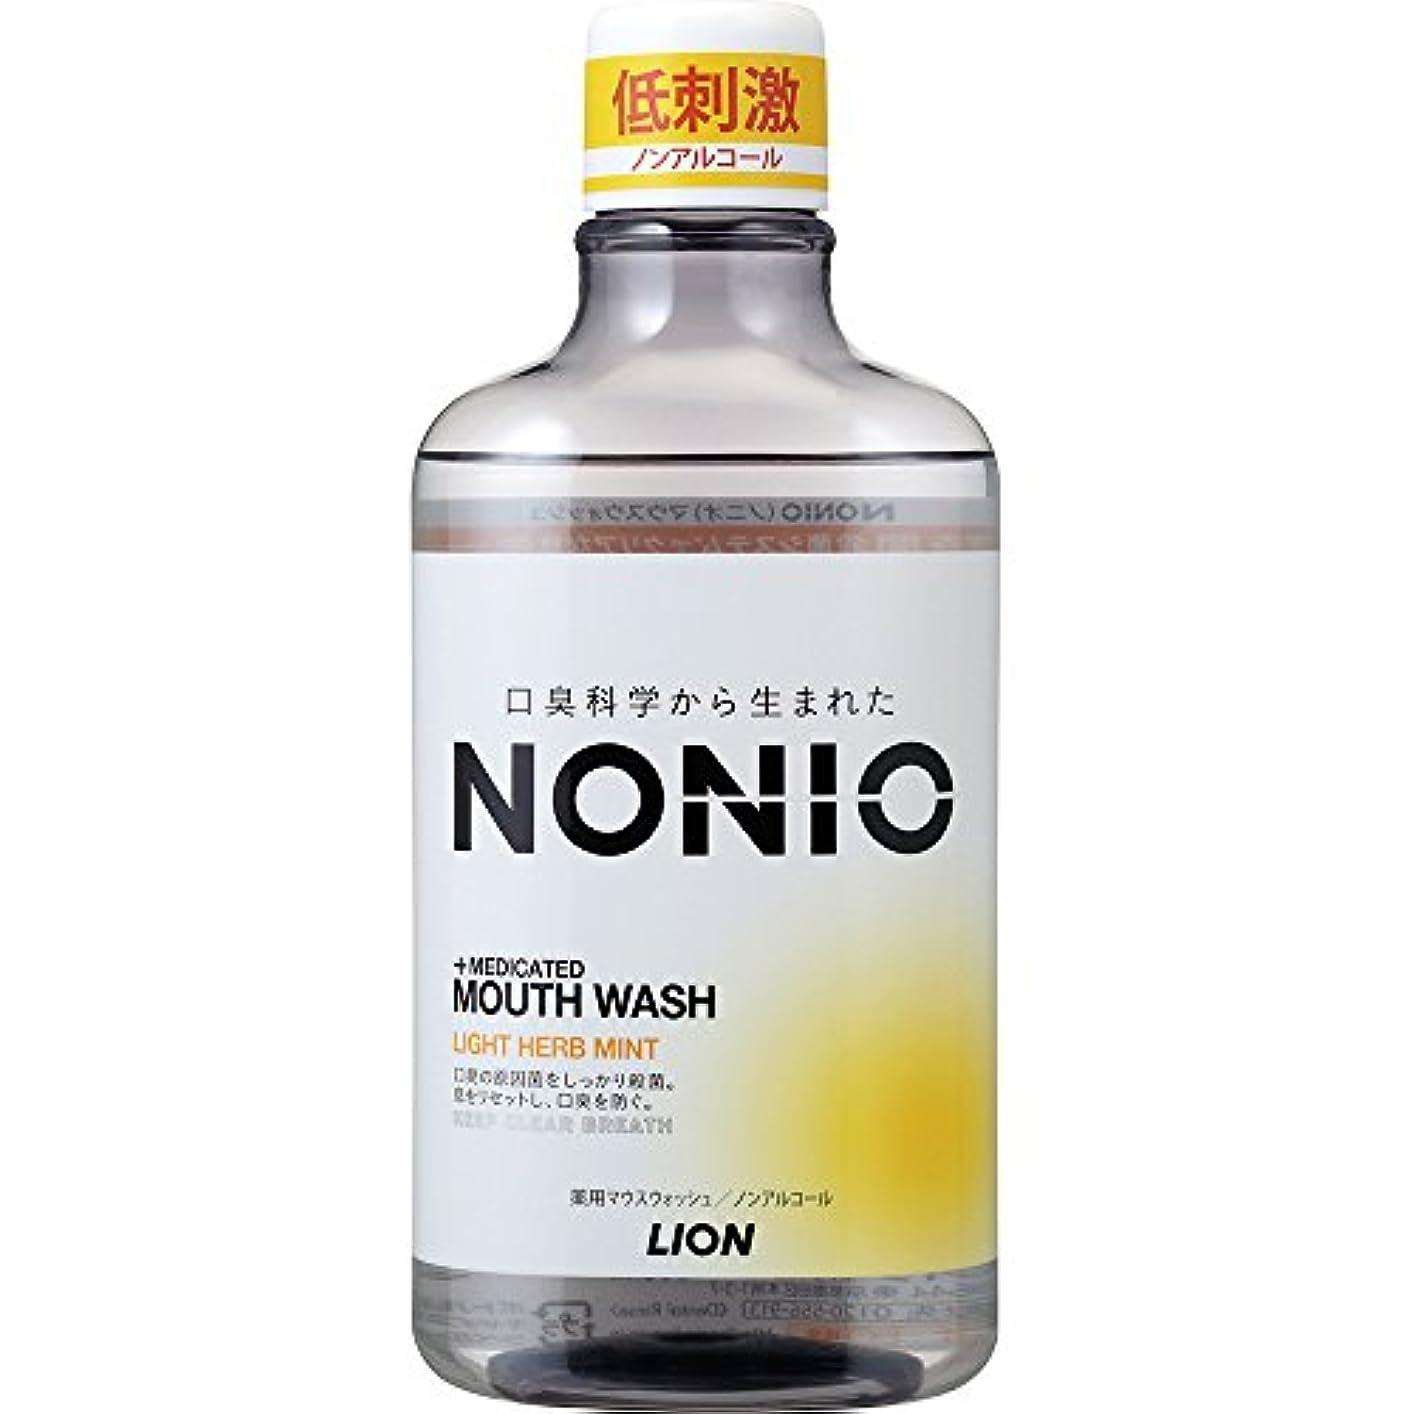 タオルホテル不測の事態[医薬部外品]NONIO マウスウォッシュ ノンアルコール ライトハーブミント 600ml 洗口液